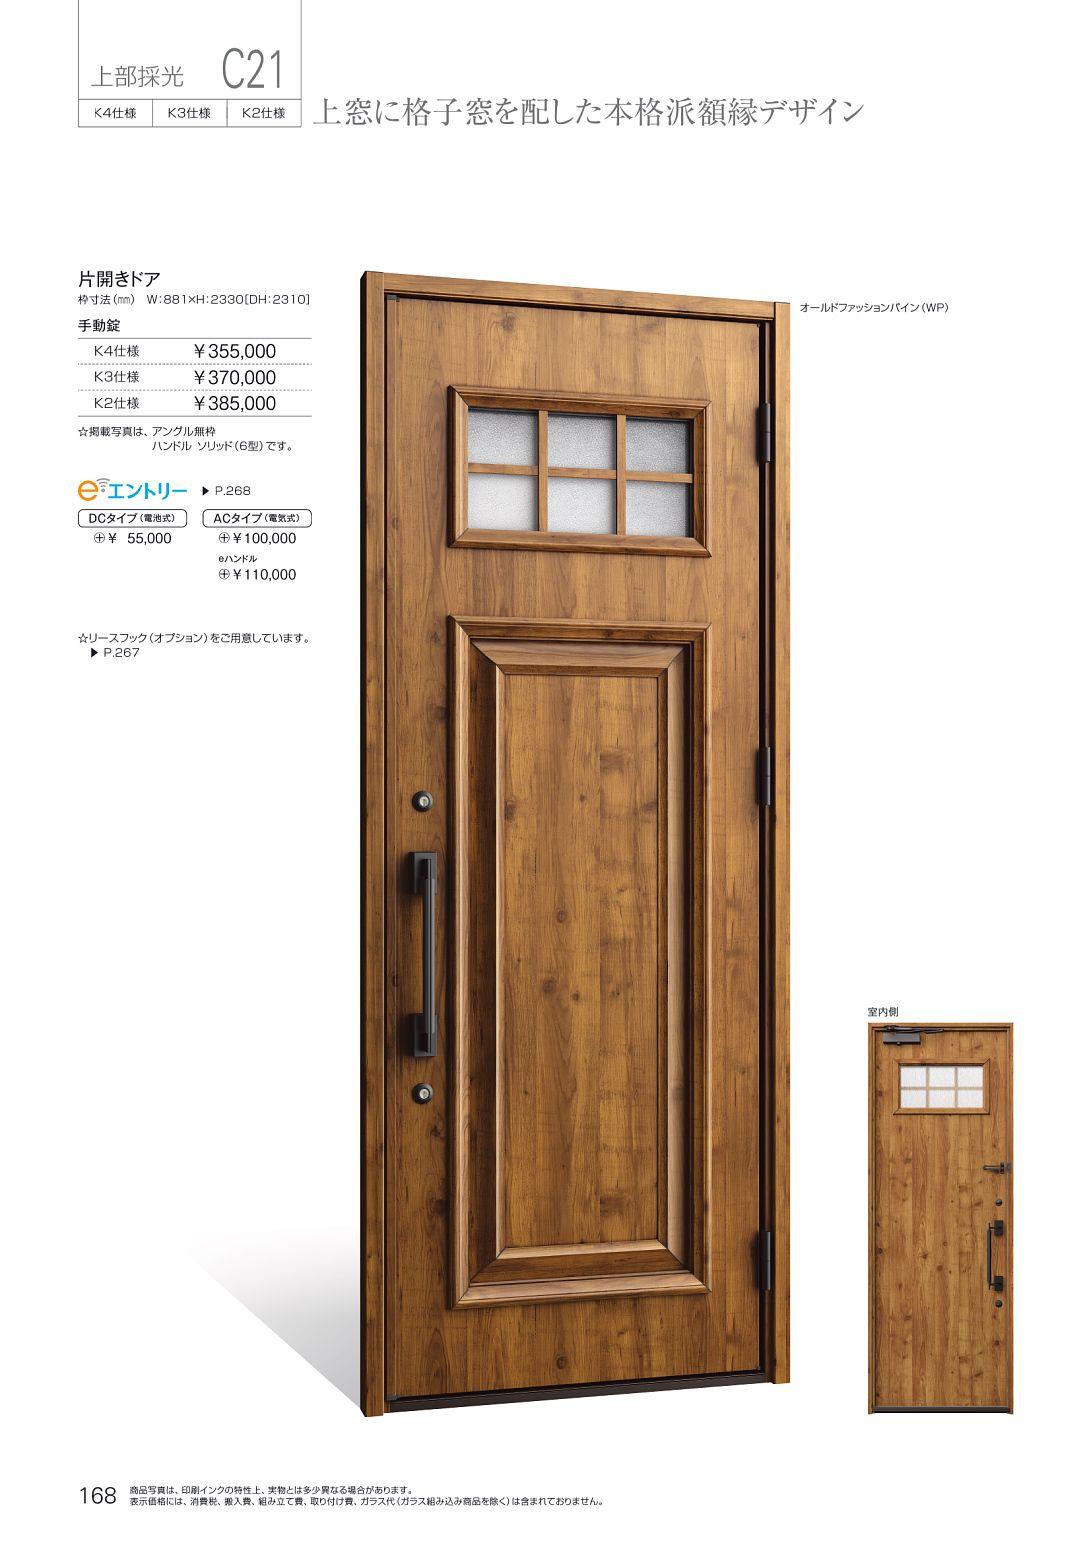 玄関ドア ファノーバ スタイルセレクト カタログ カタログビュー